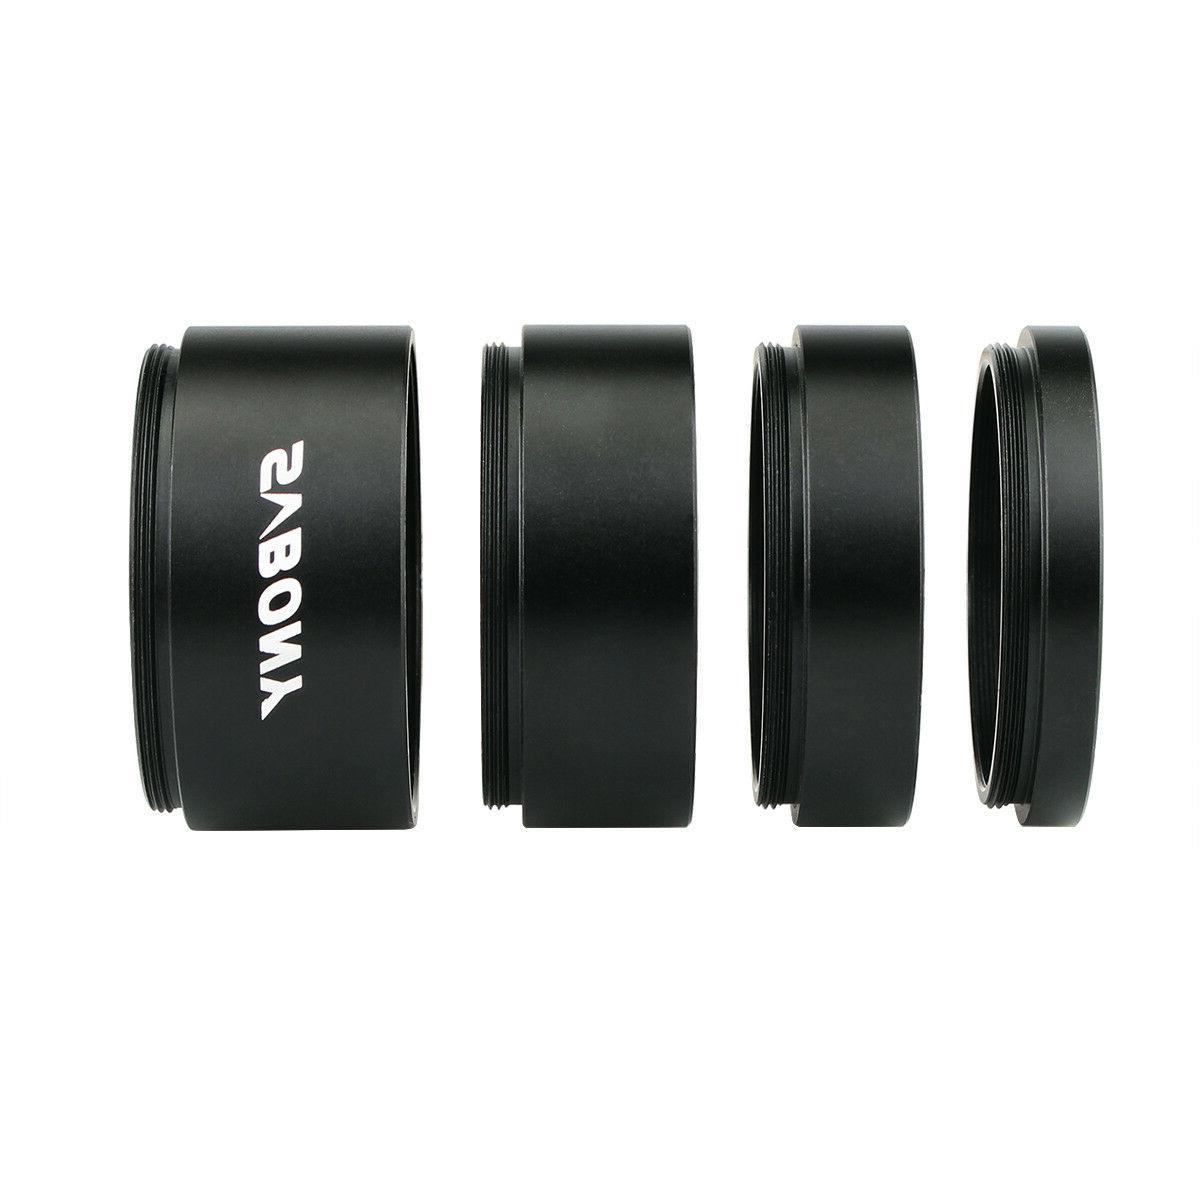 SVBONY Tube Kits Length 10mm 15mm US